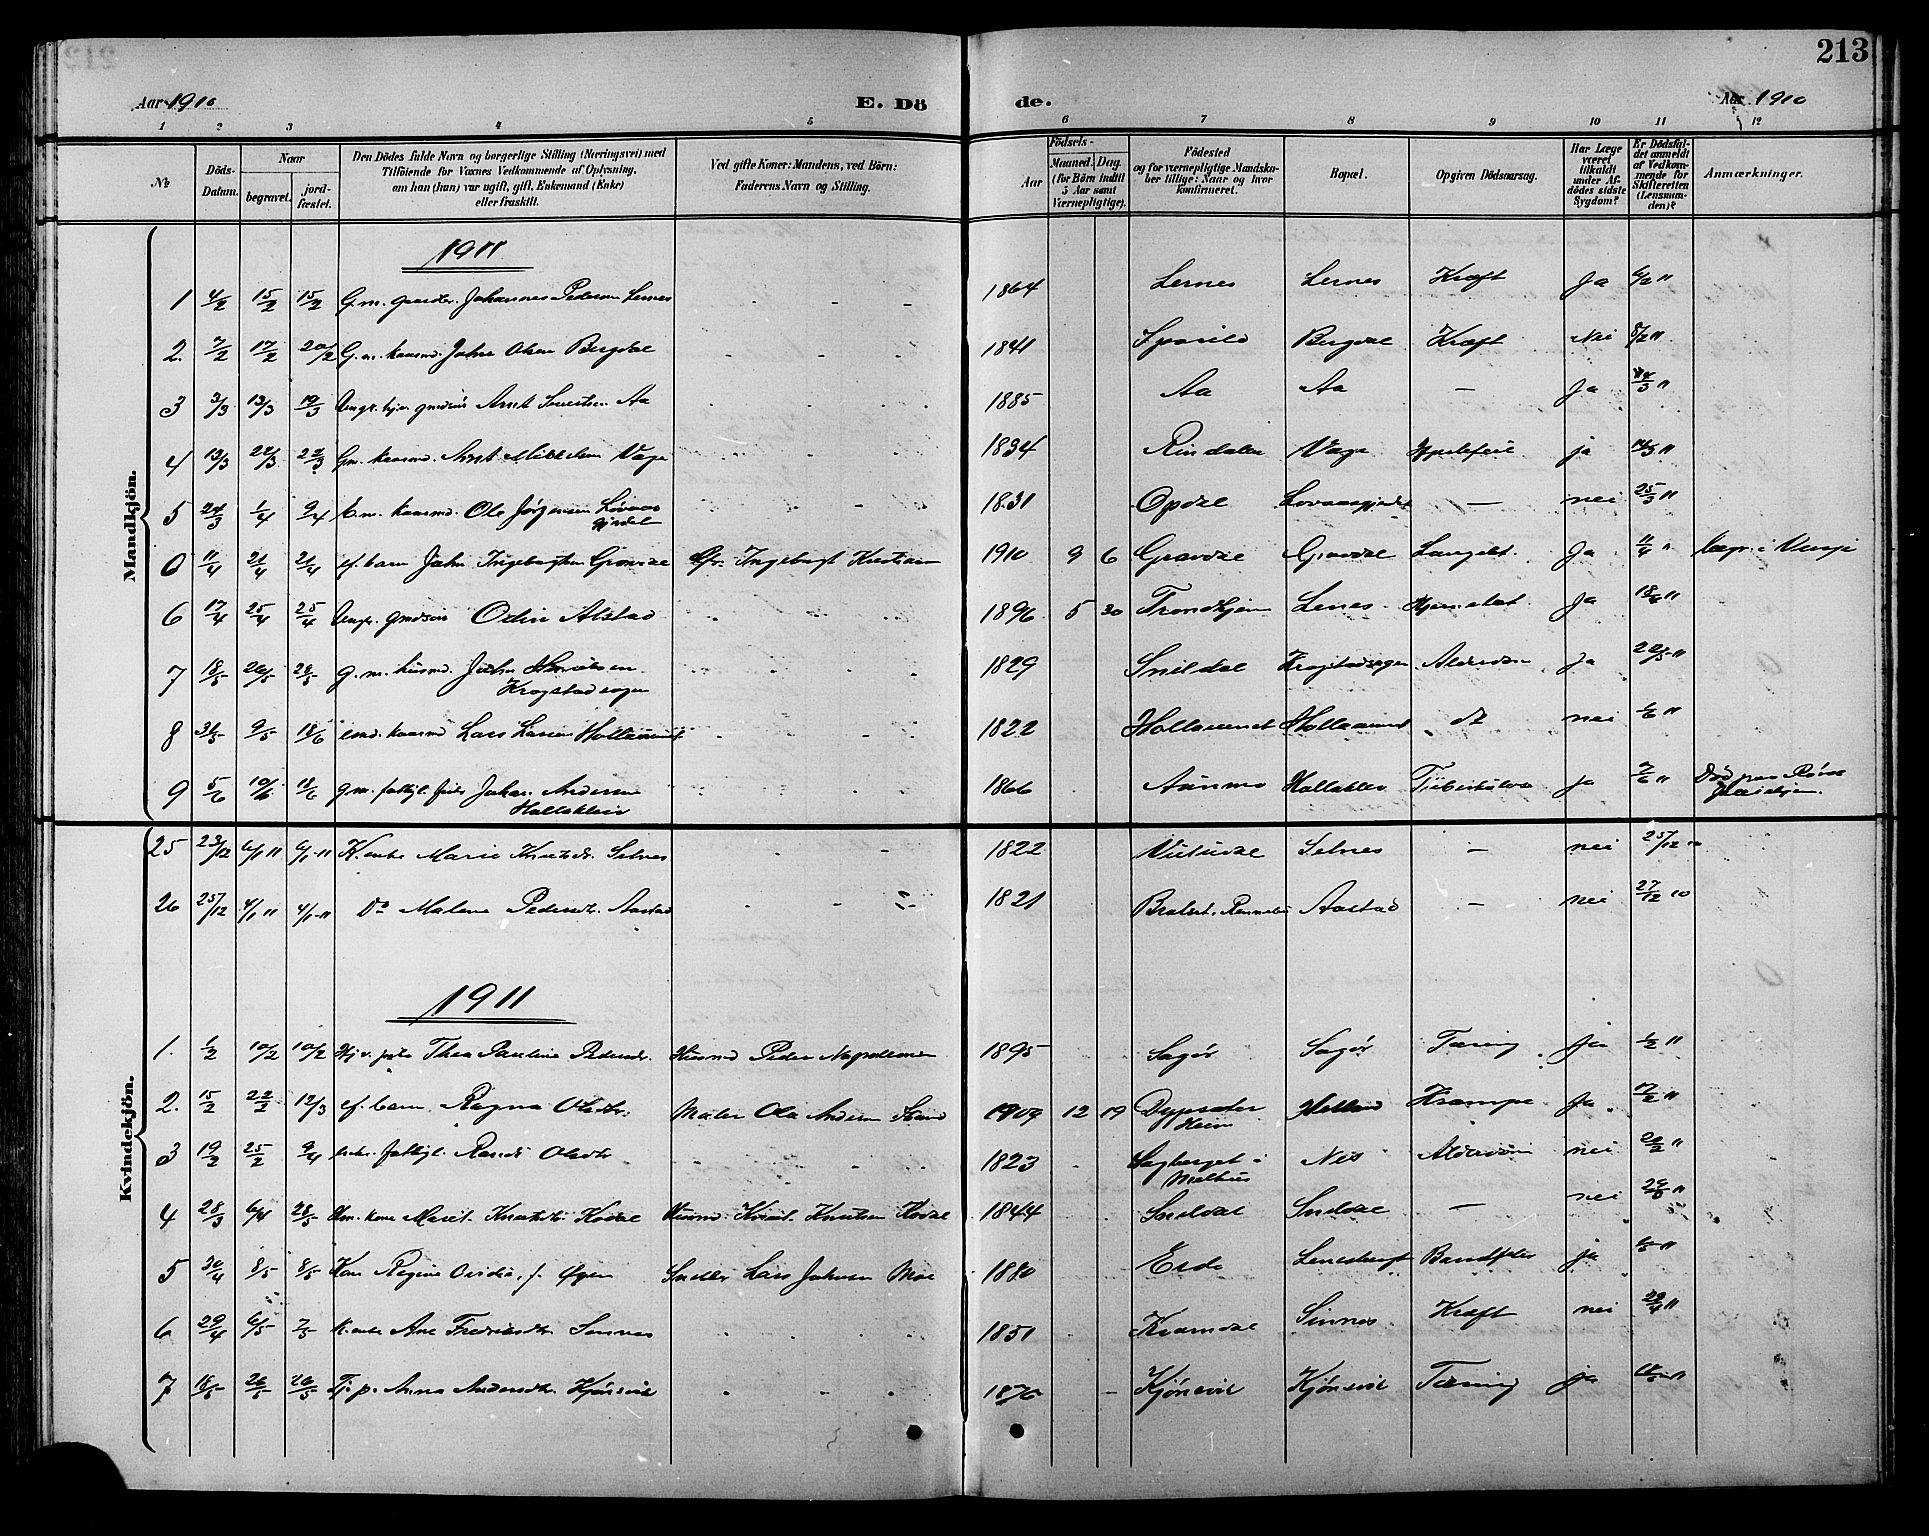 SAT, Ministerialprotokoller, klokkerbøker og fødselsregistre - Sør-Trøndelag, 630/L0505: Klokkerbok nr. 630C03, 1899-1914, s. 213